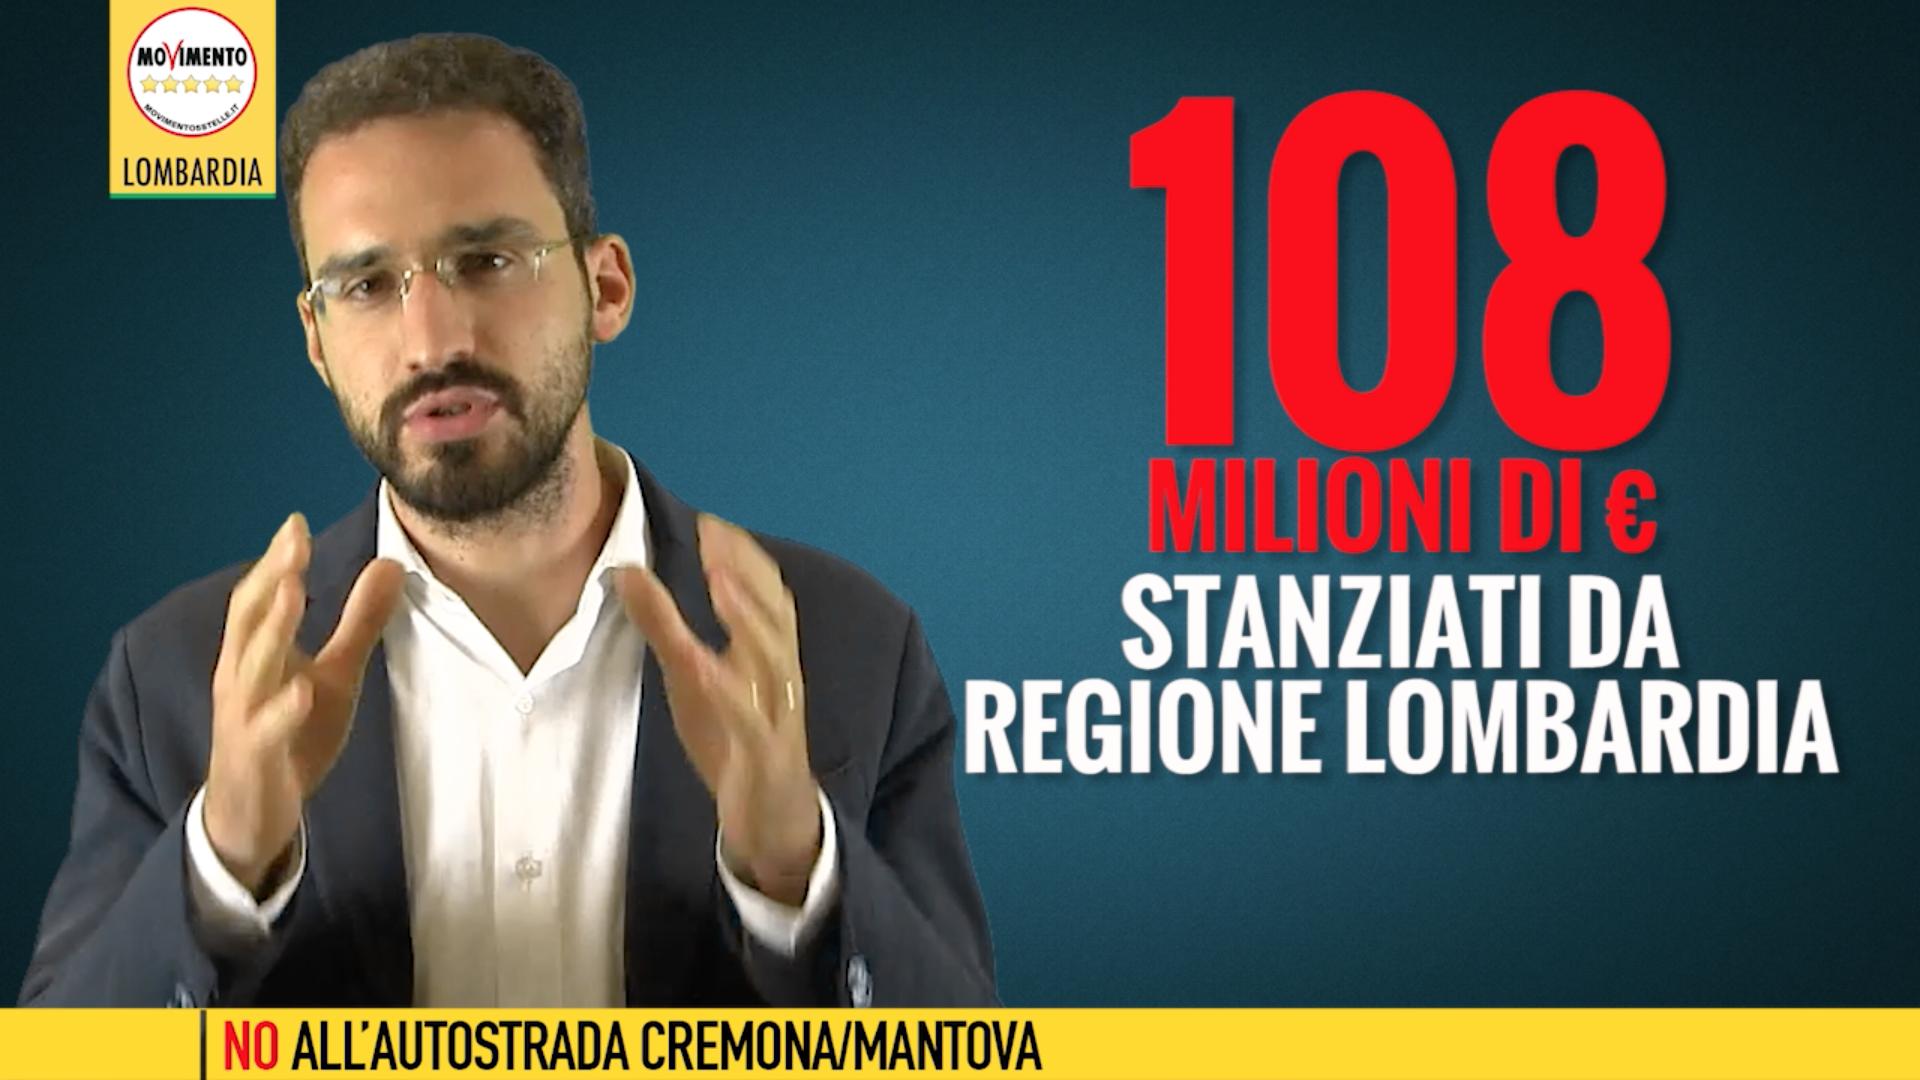 Autostrada regionale Cremona-Mantova: Maroni persevera nell'inganno ai cittadini